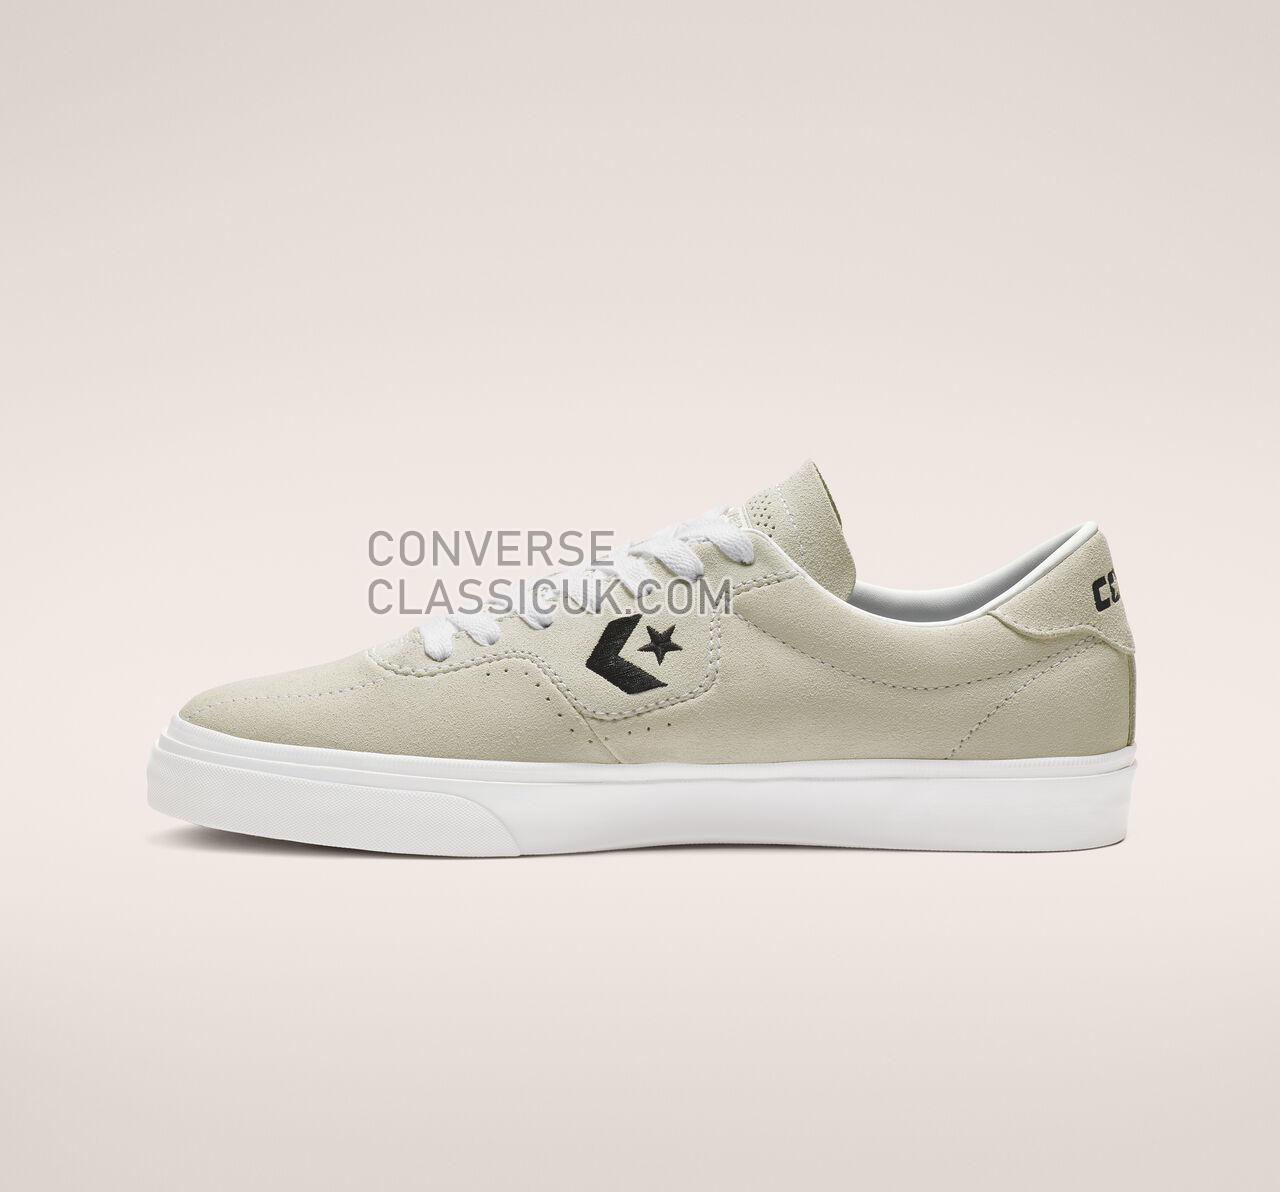 Converse Louie Lopez Pro Low Top Mens Womens Unisex 163262C White/White/Black Shoes